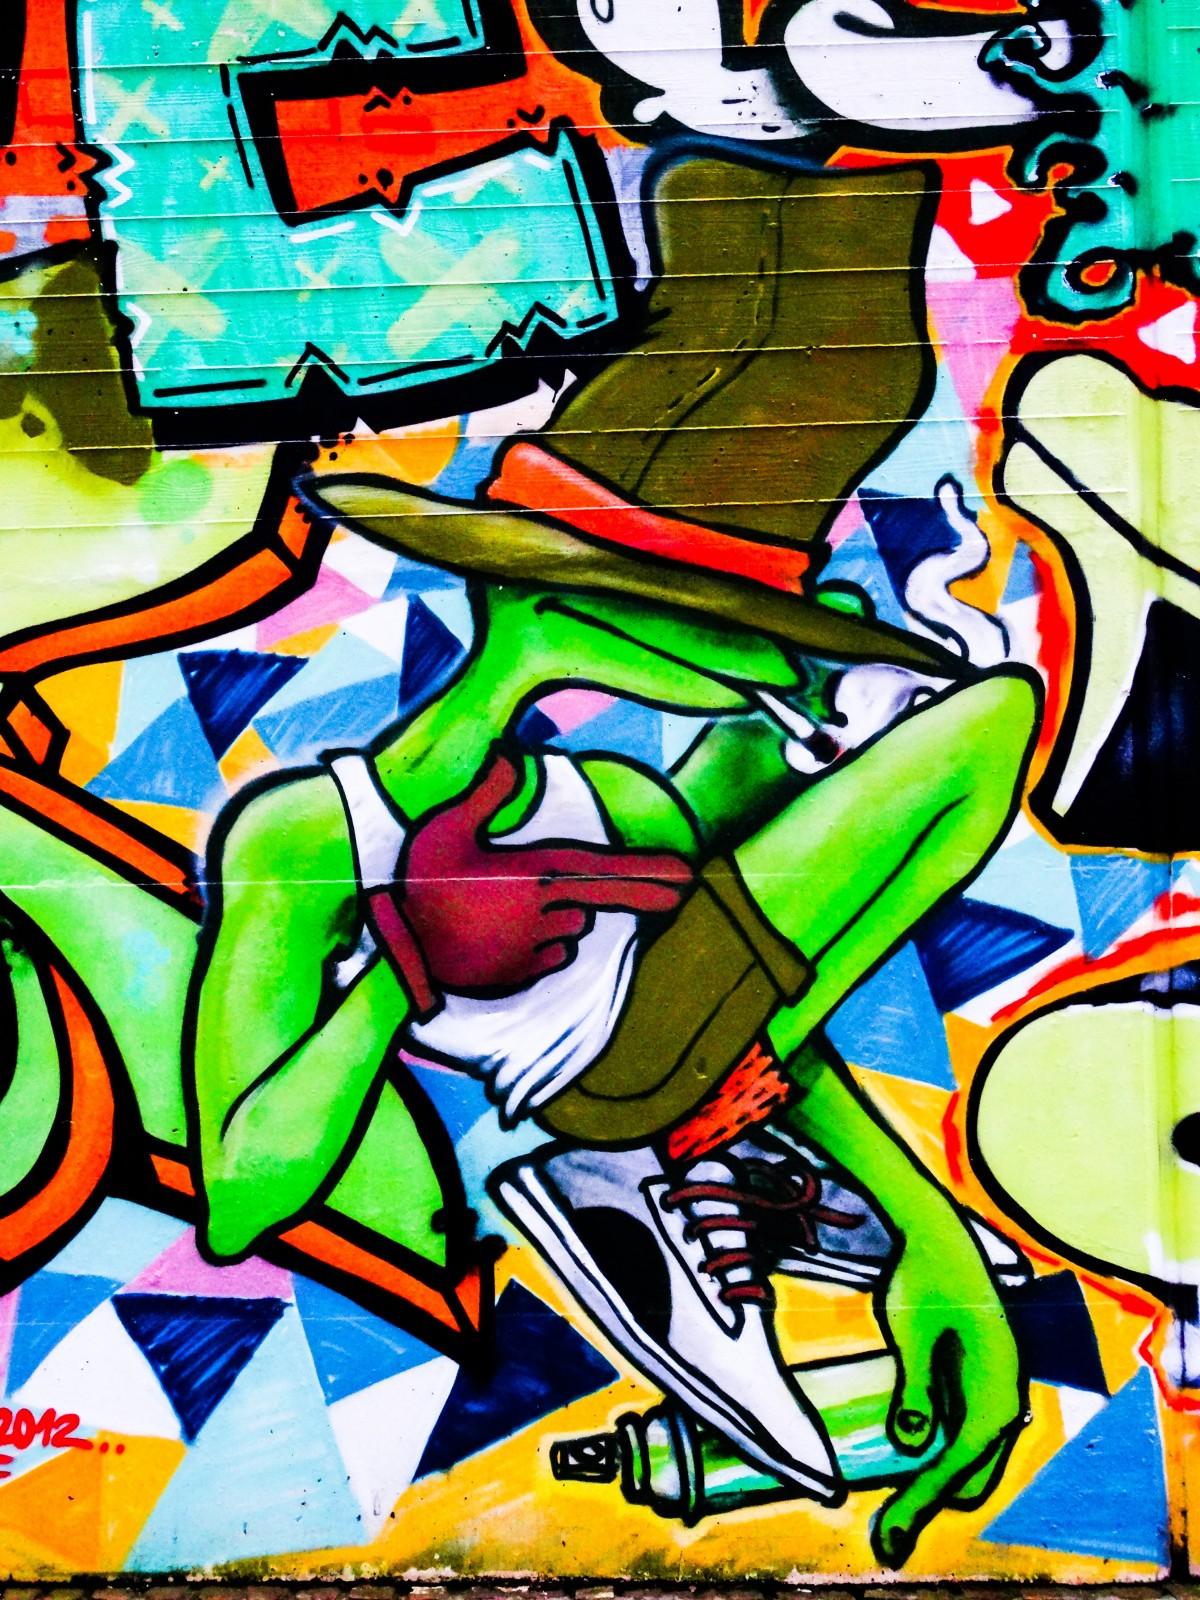 Free Images : man, woman, decoration, portrait, carnival ...